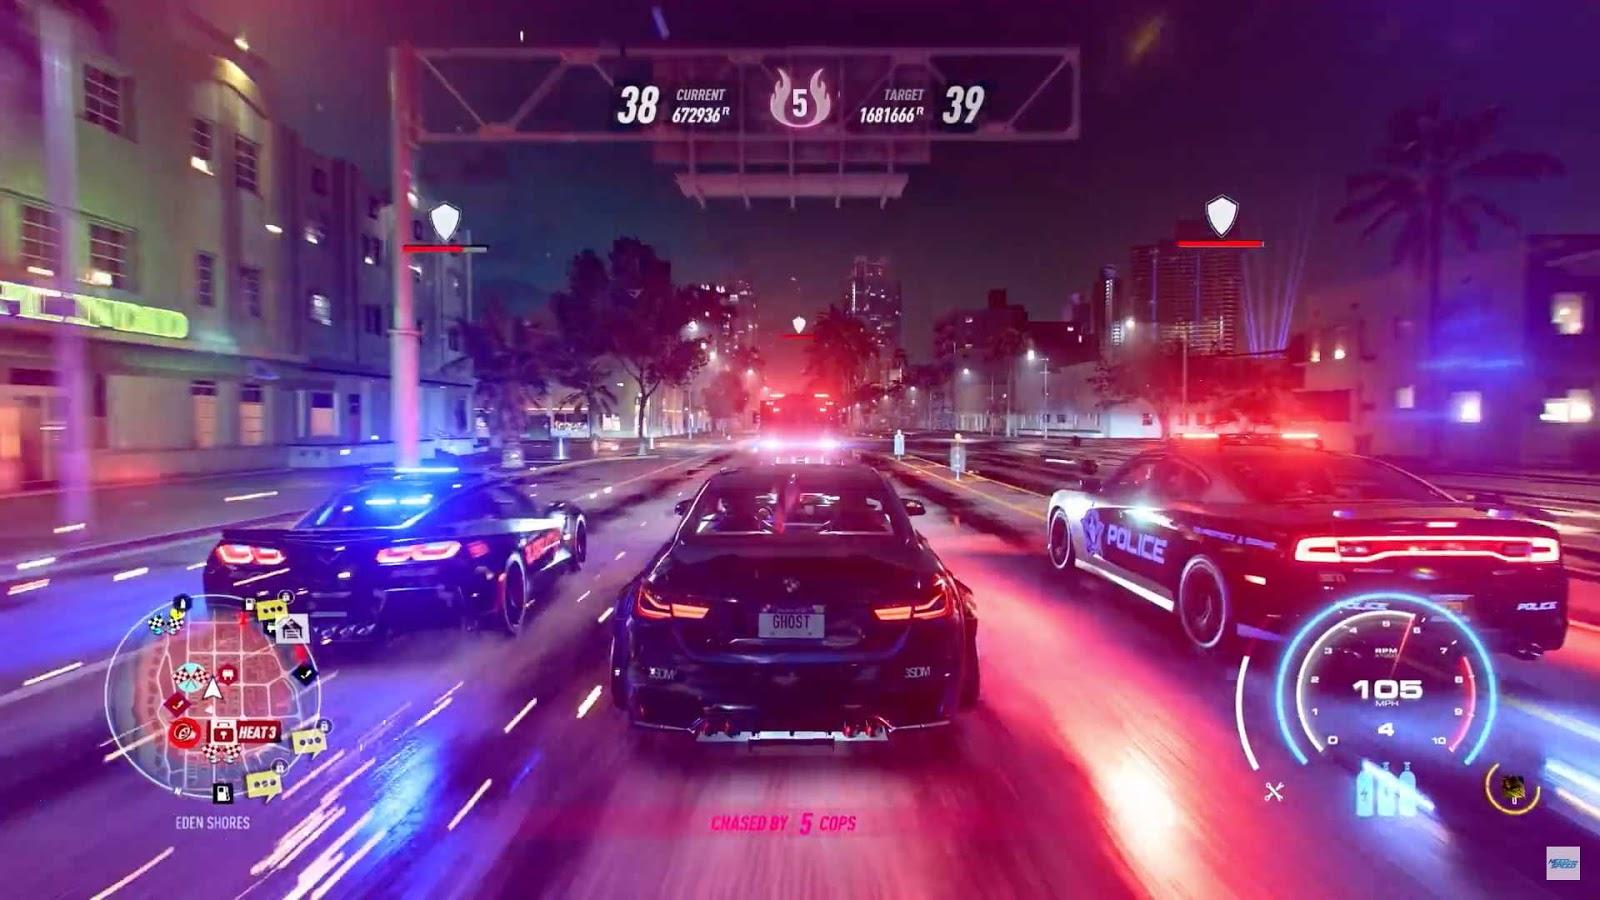 كل ما تحتاج معرفته عن لعبة Need For Speed Heat